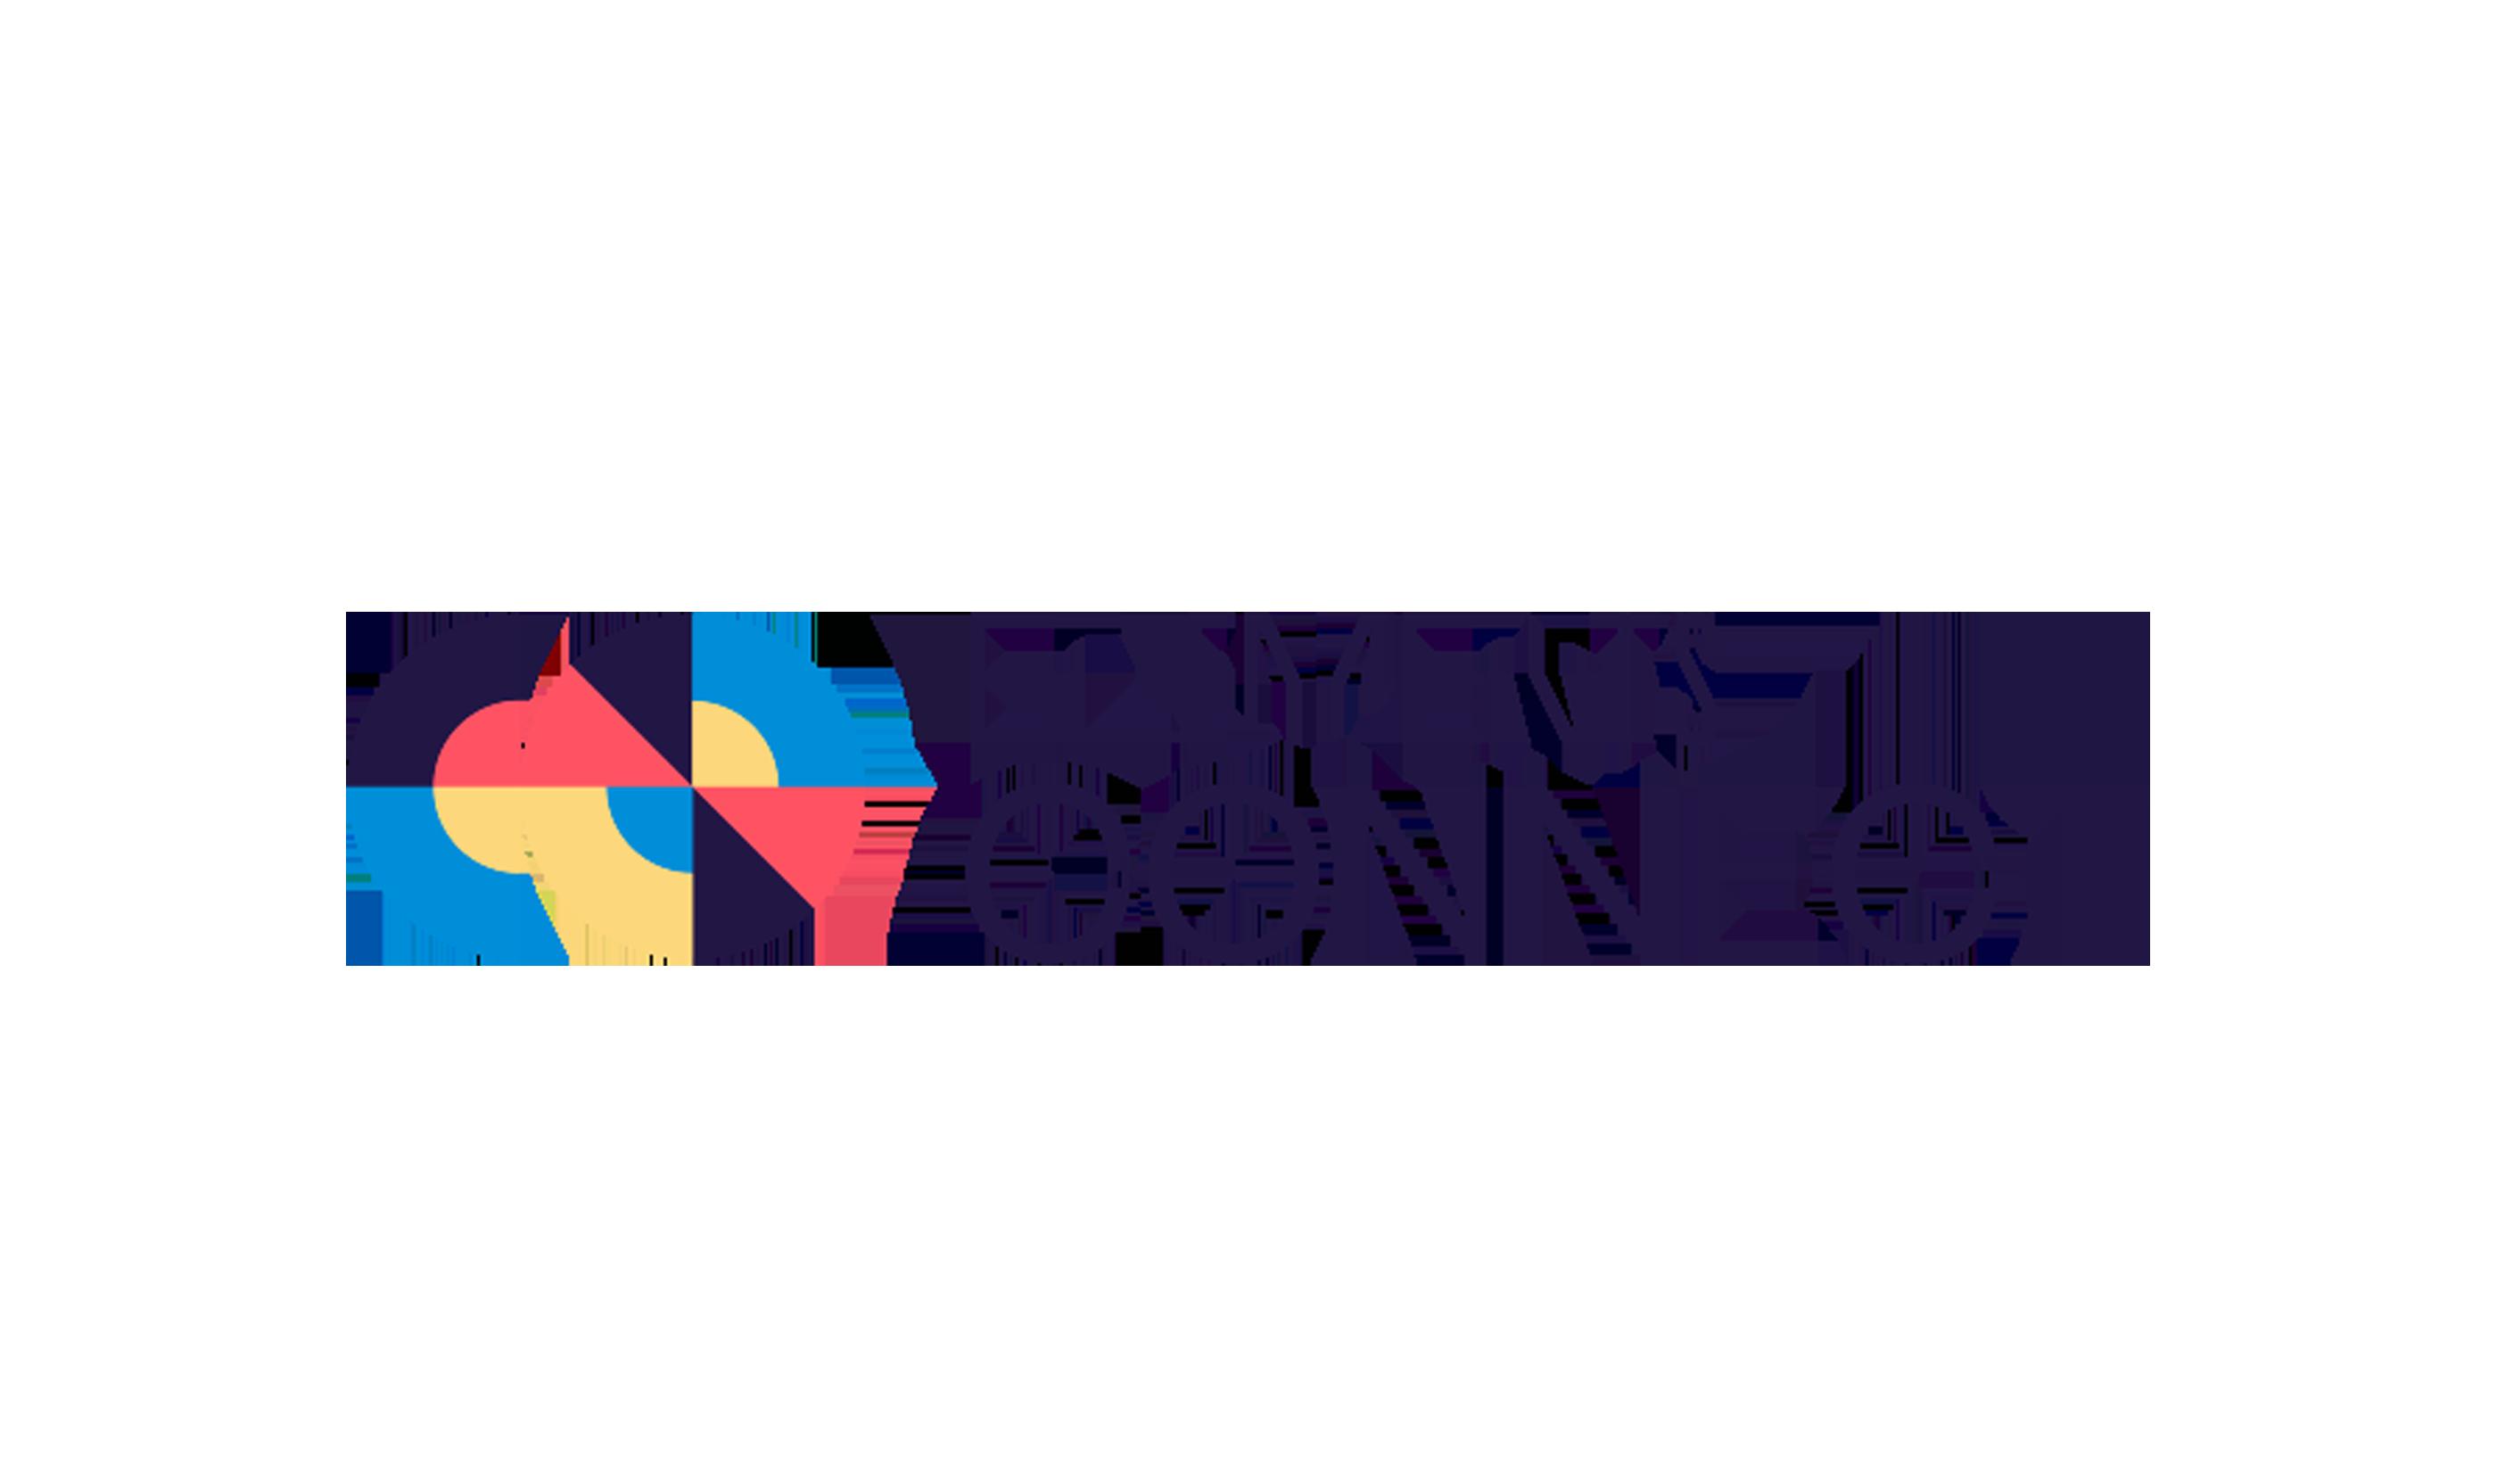 Elements Connect